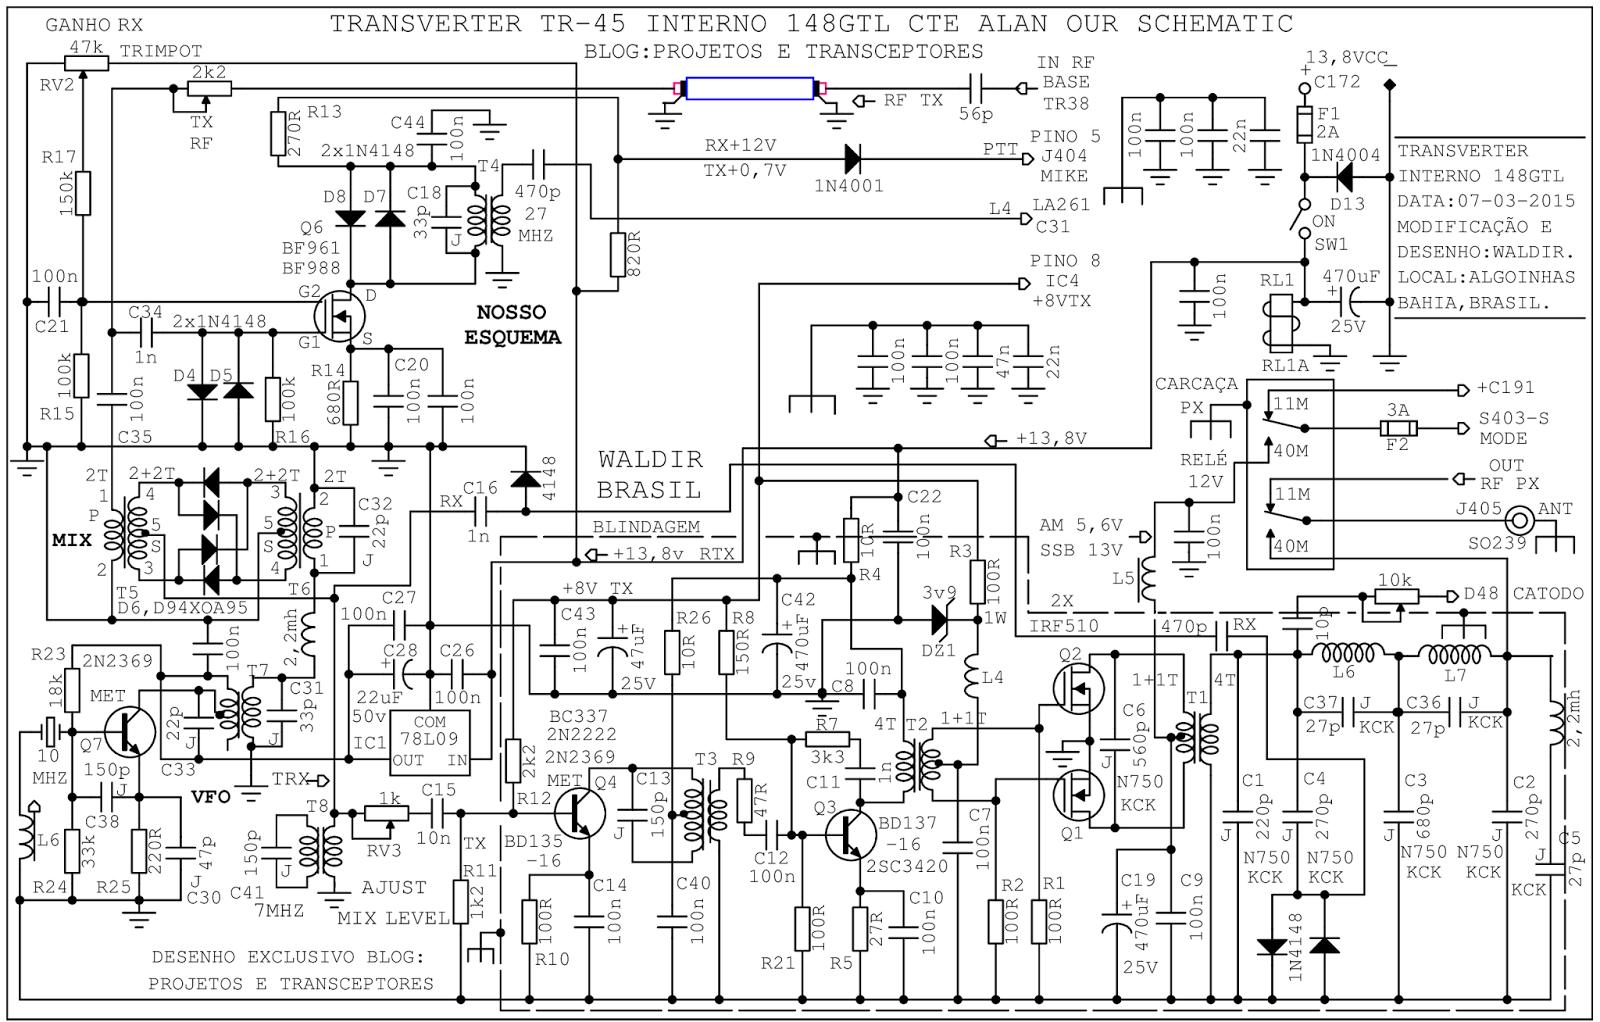 Projetos E Transceptores Transverter Tr 45 Antigo E